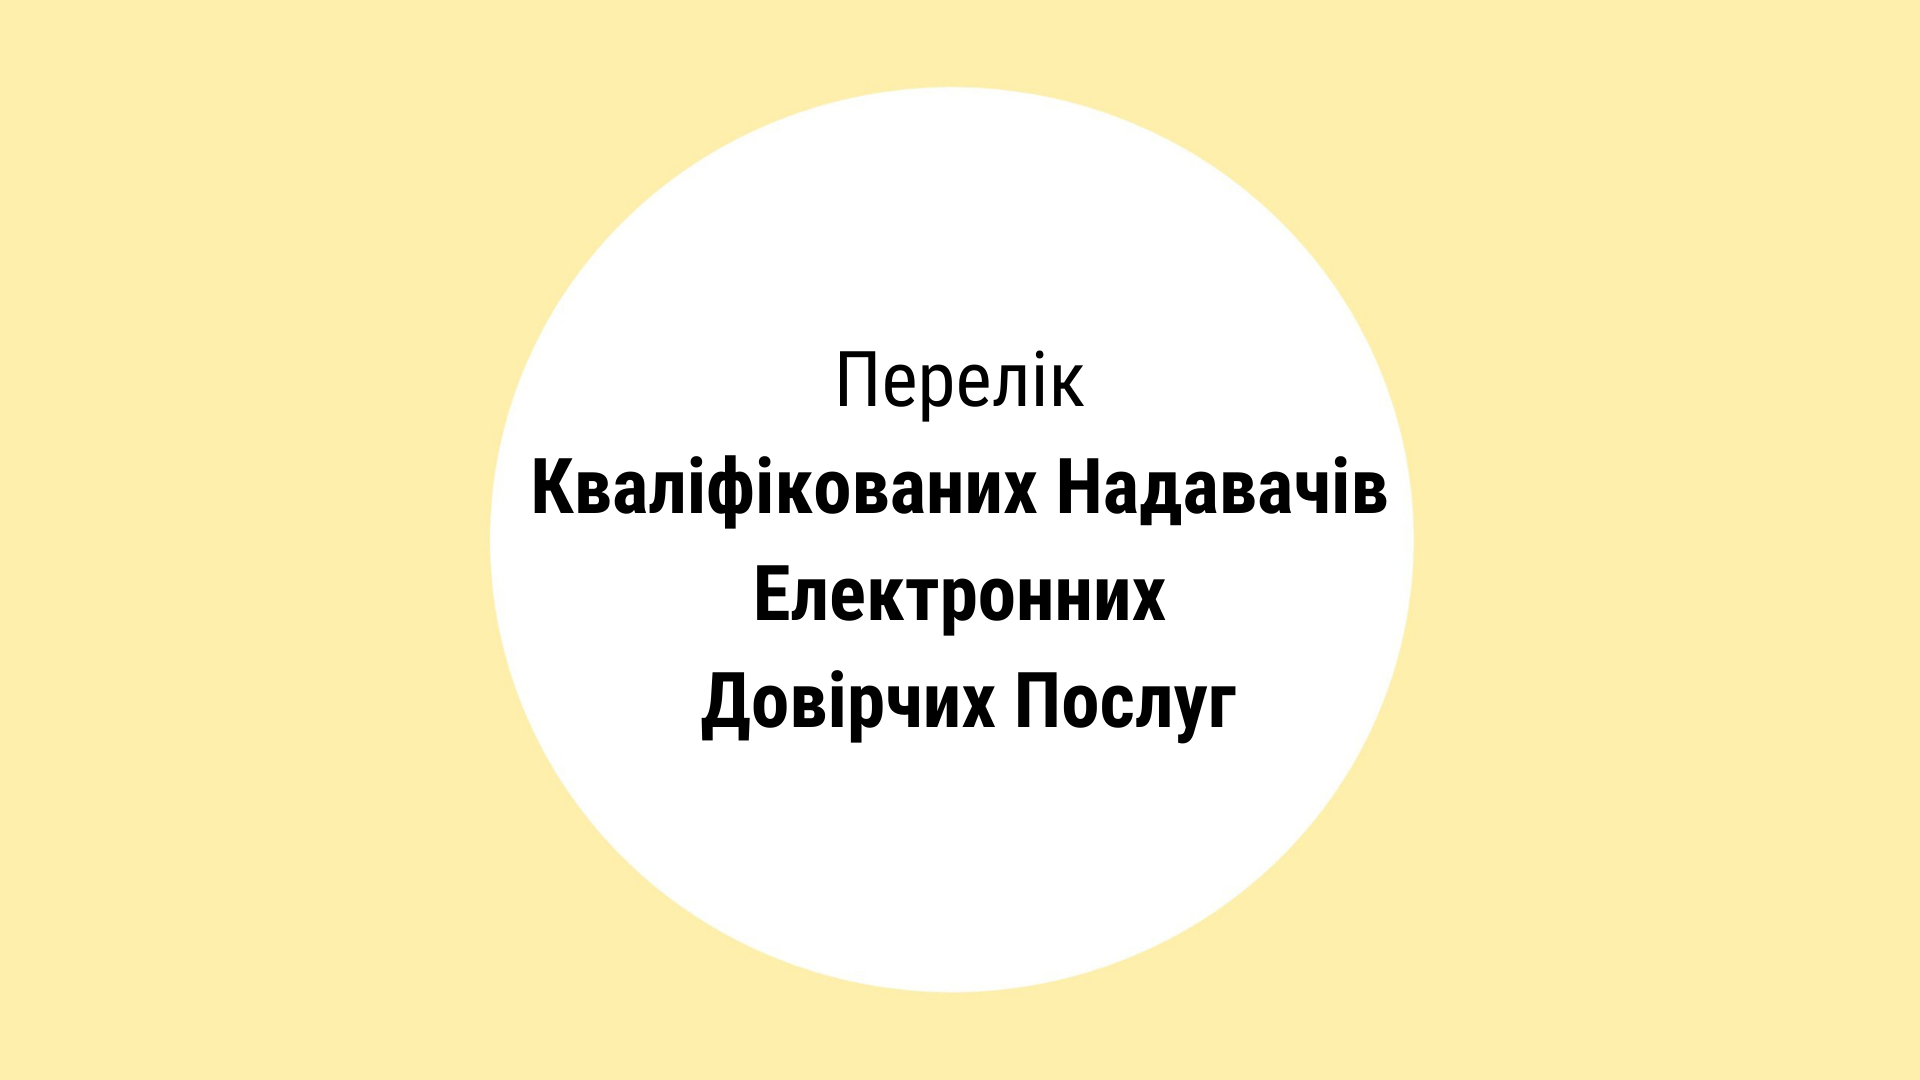 Перелік Кваліфікованих Надавачів Електронних Довірчих Послуг